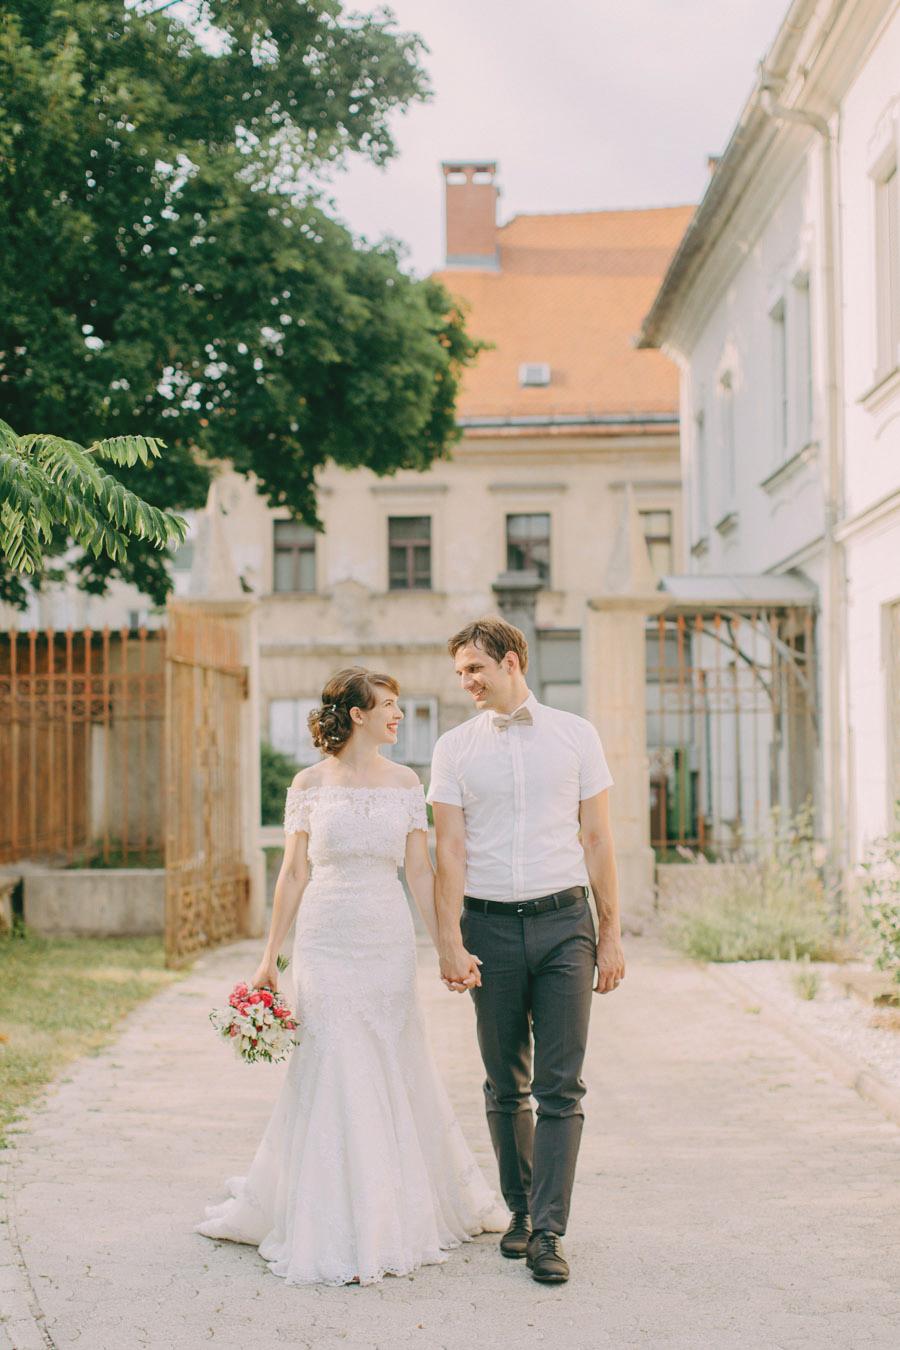 porocna-fotografija-poroka-v-ljubljani-monika-tevz (32)